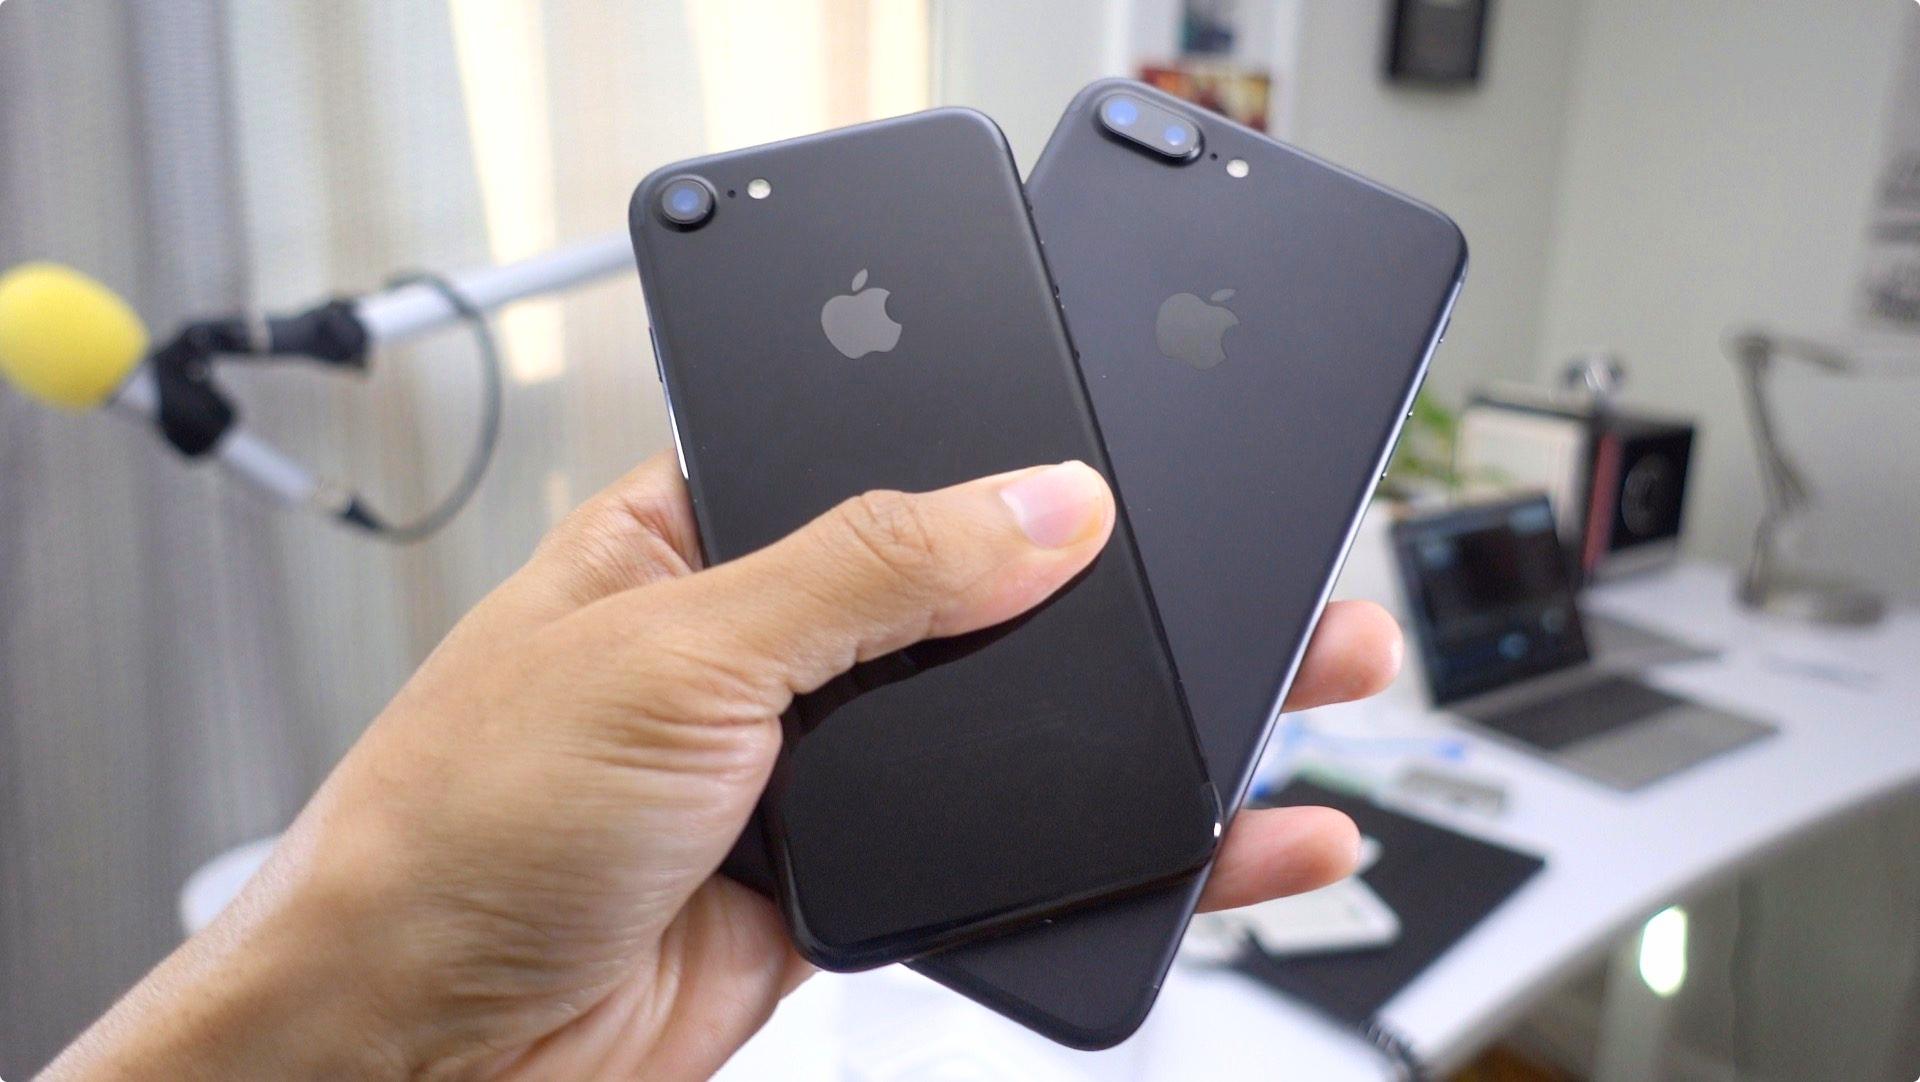 iphone-7jetblack-iphone-7plus-black